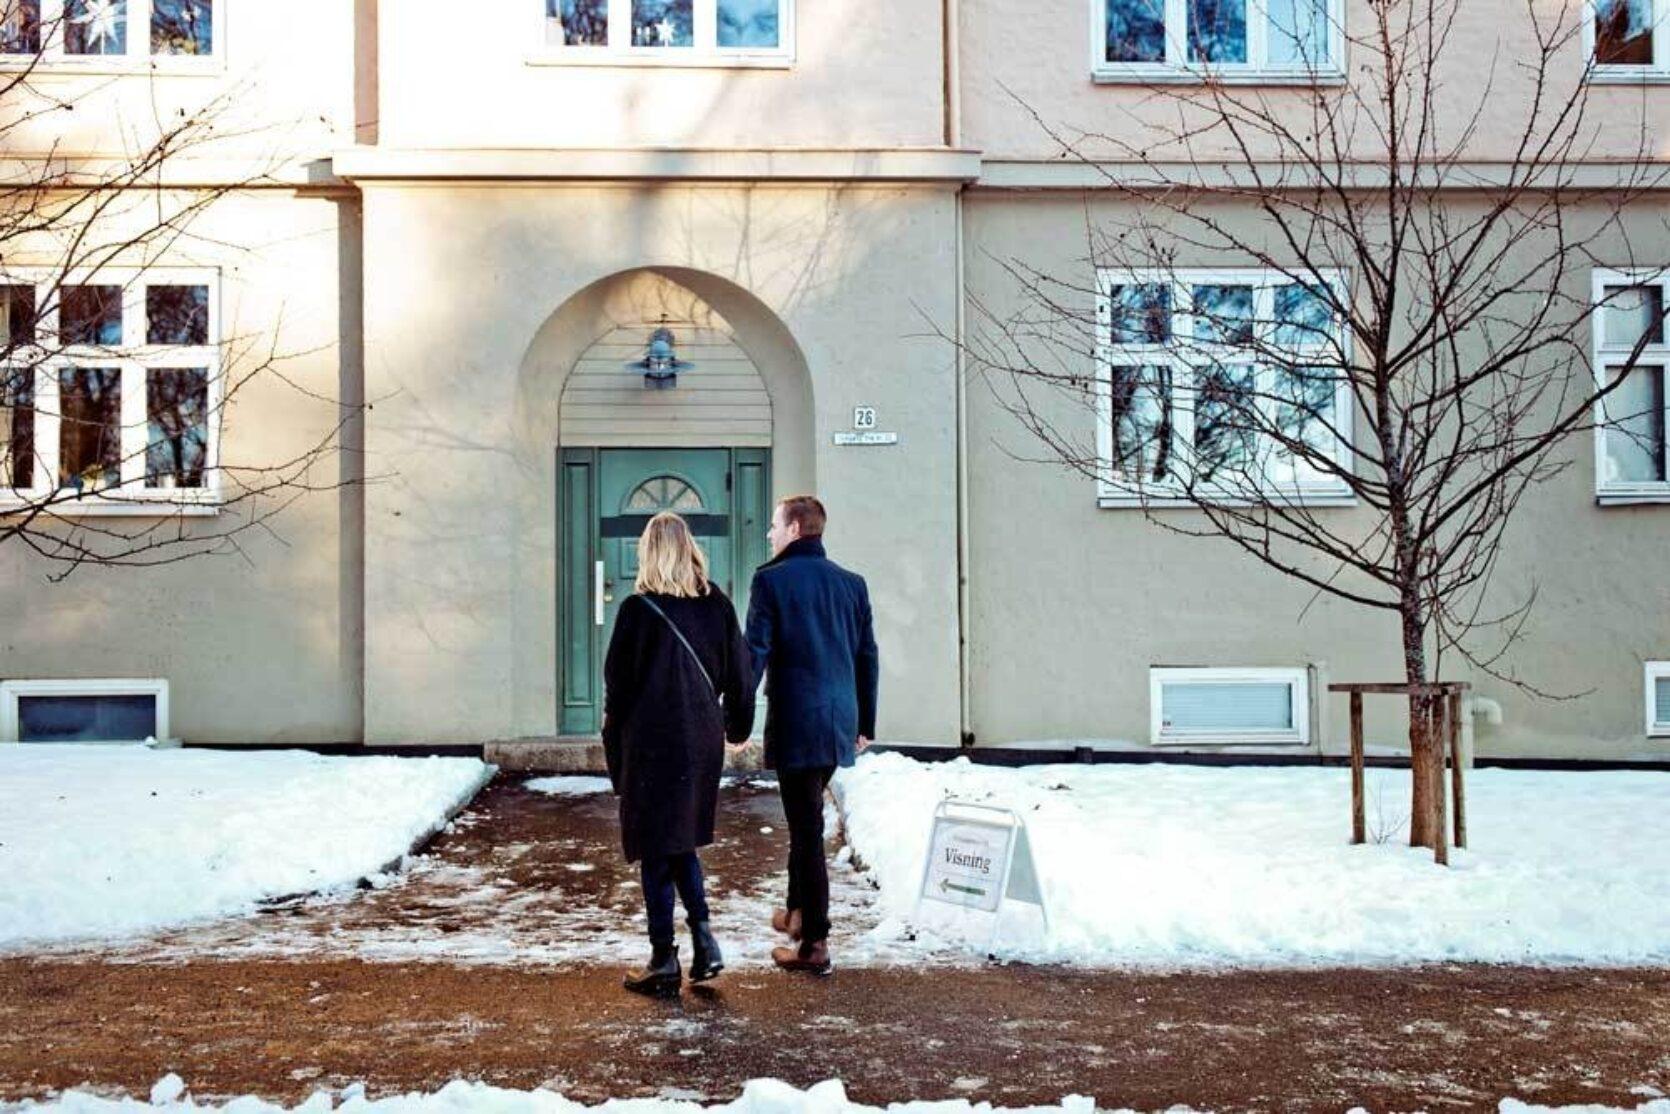 Mann og dame holder hender mens de går inn i en bygård. Det er vinter og snø på bakken